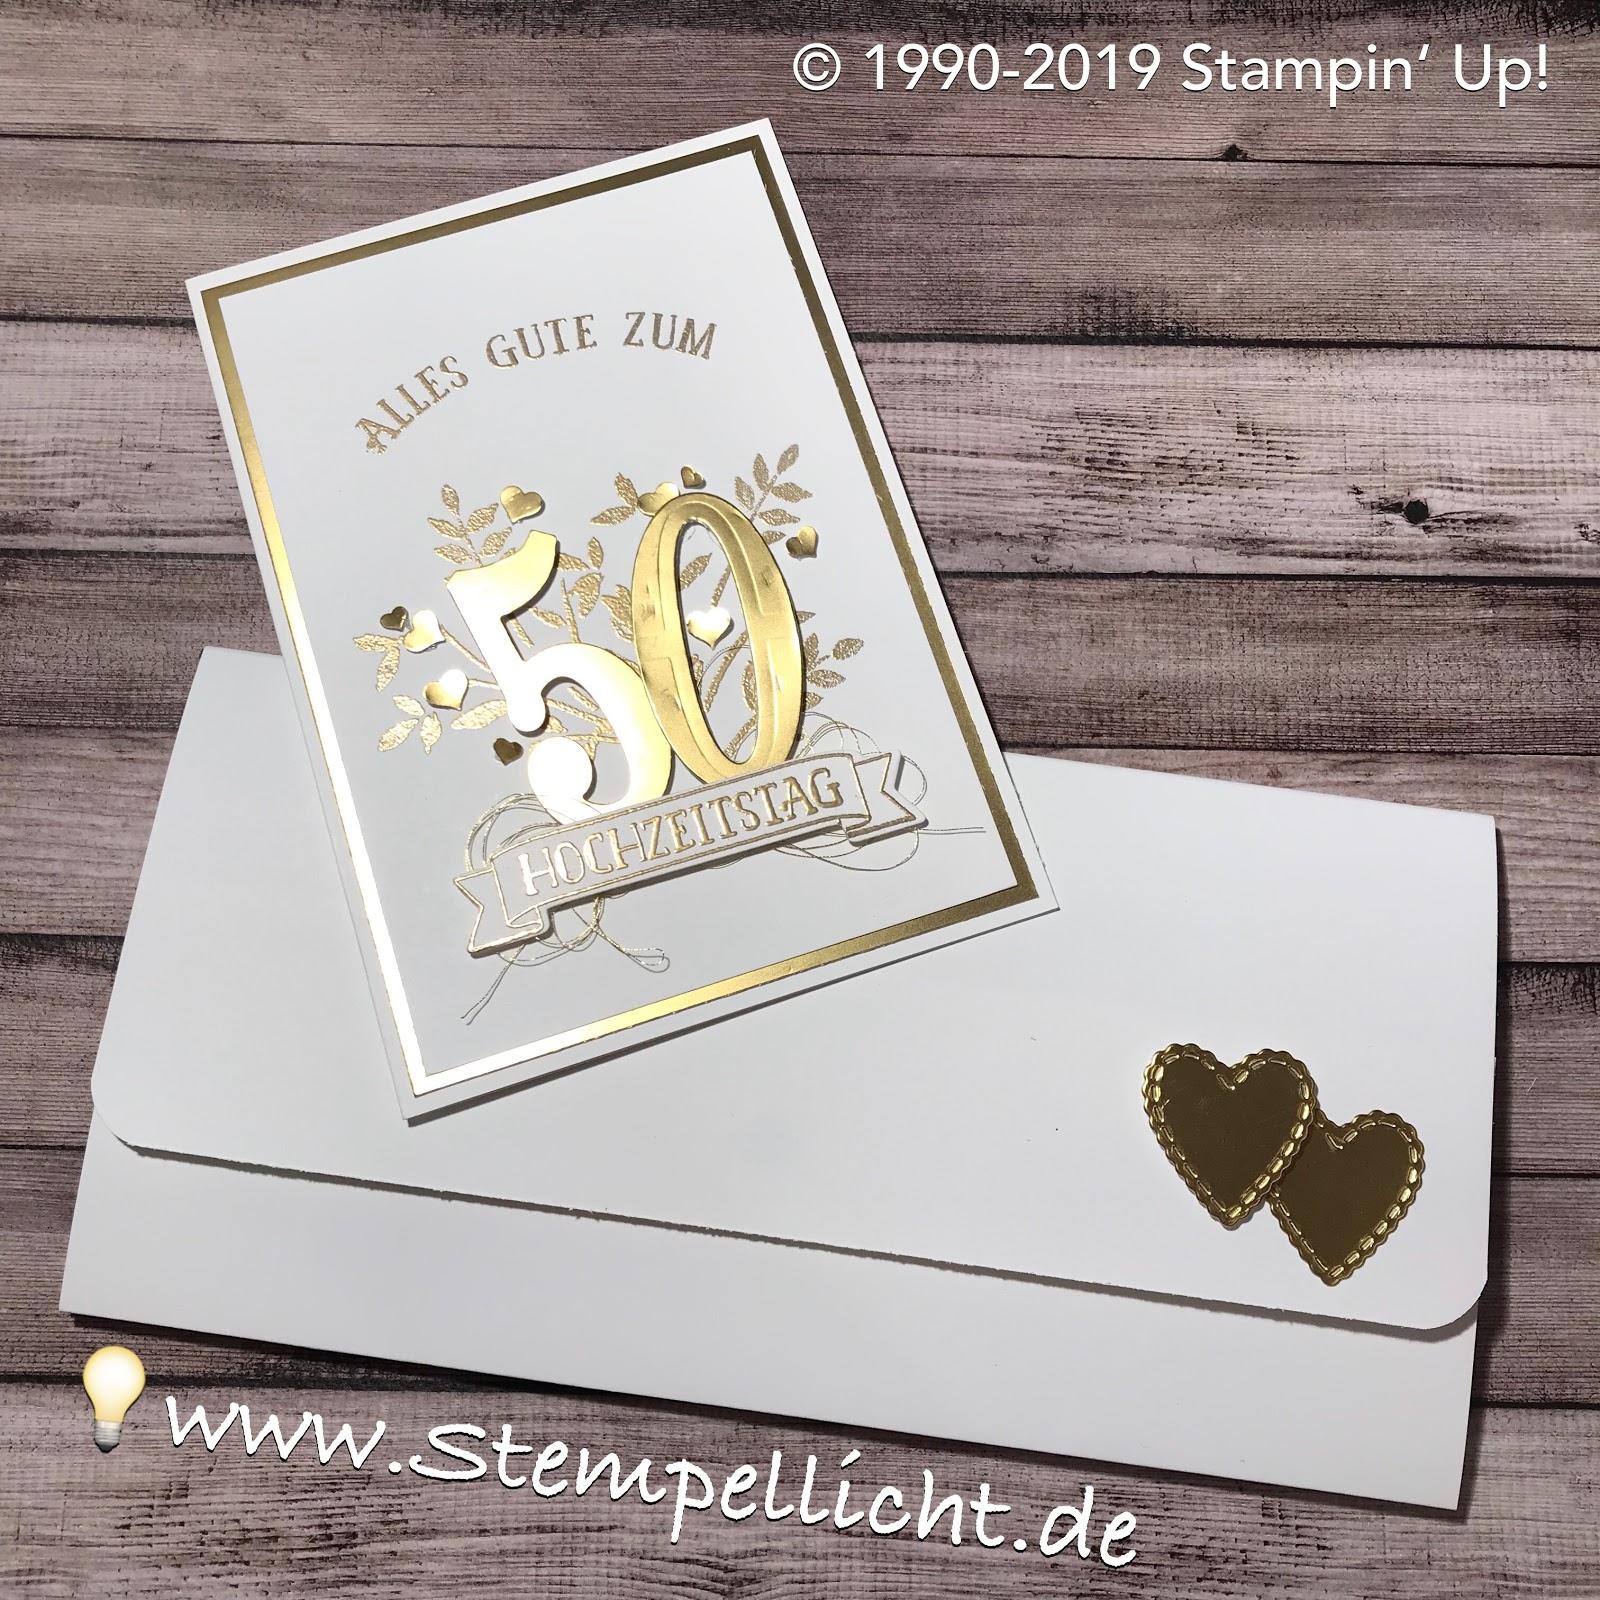 Stempellicht Karte Und Gutscheinkuvert Zur Goldenen Hochzeit